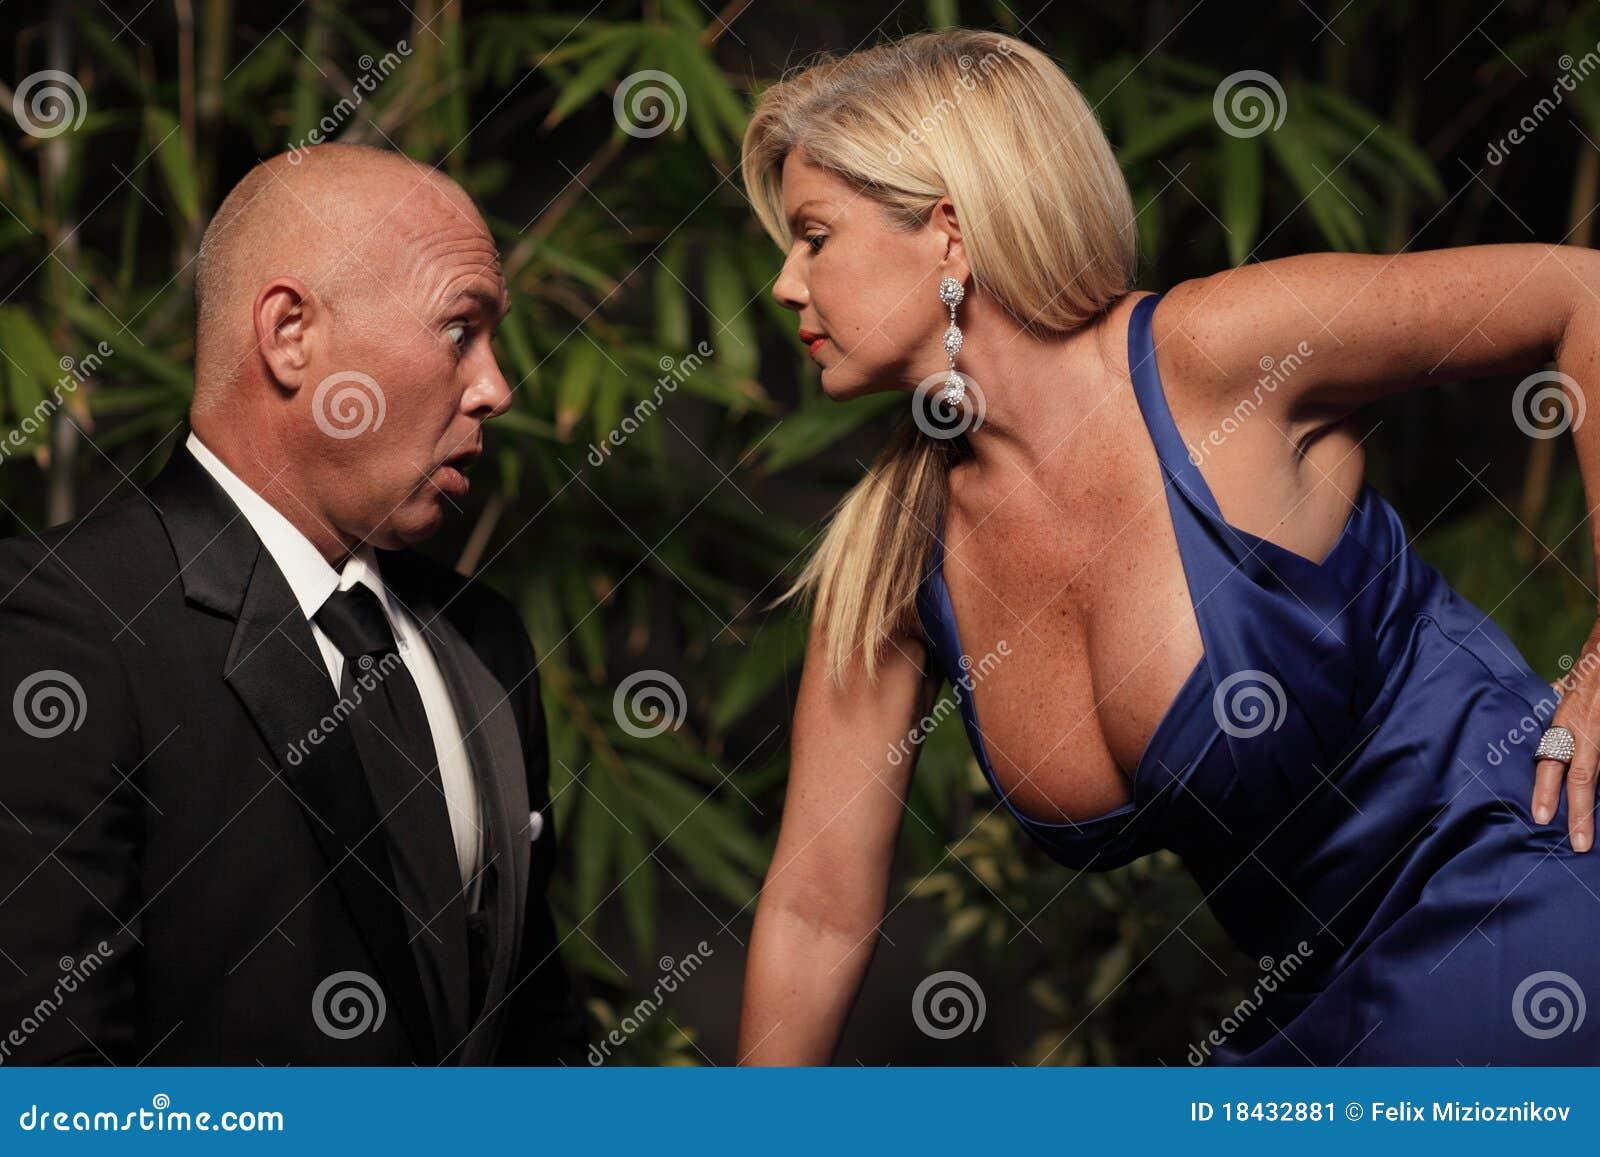 Homme regardant les seins